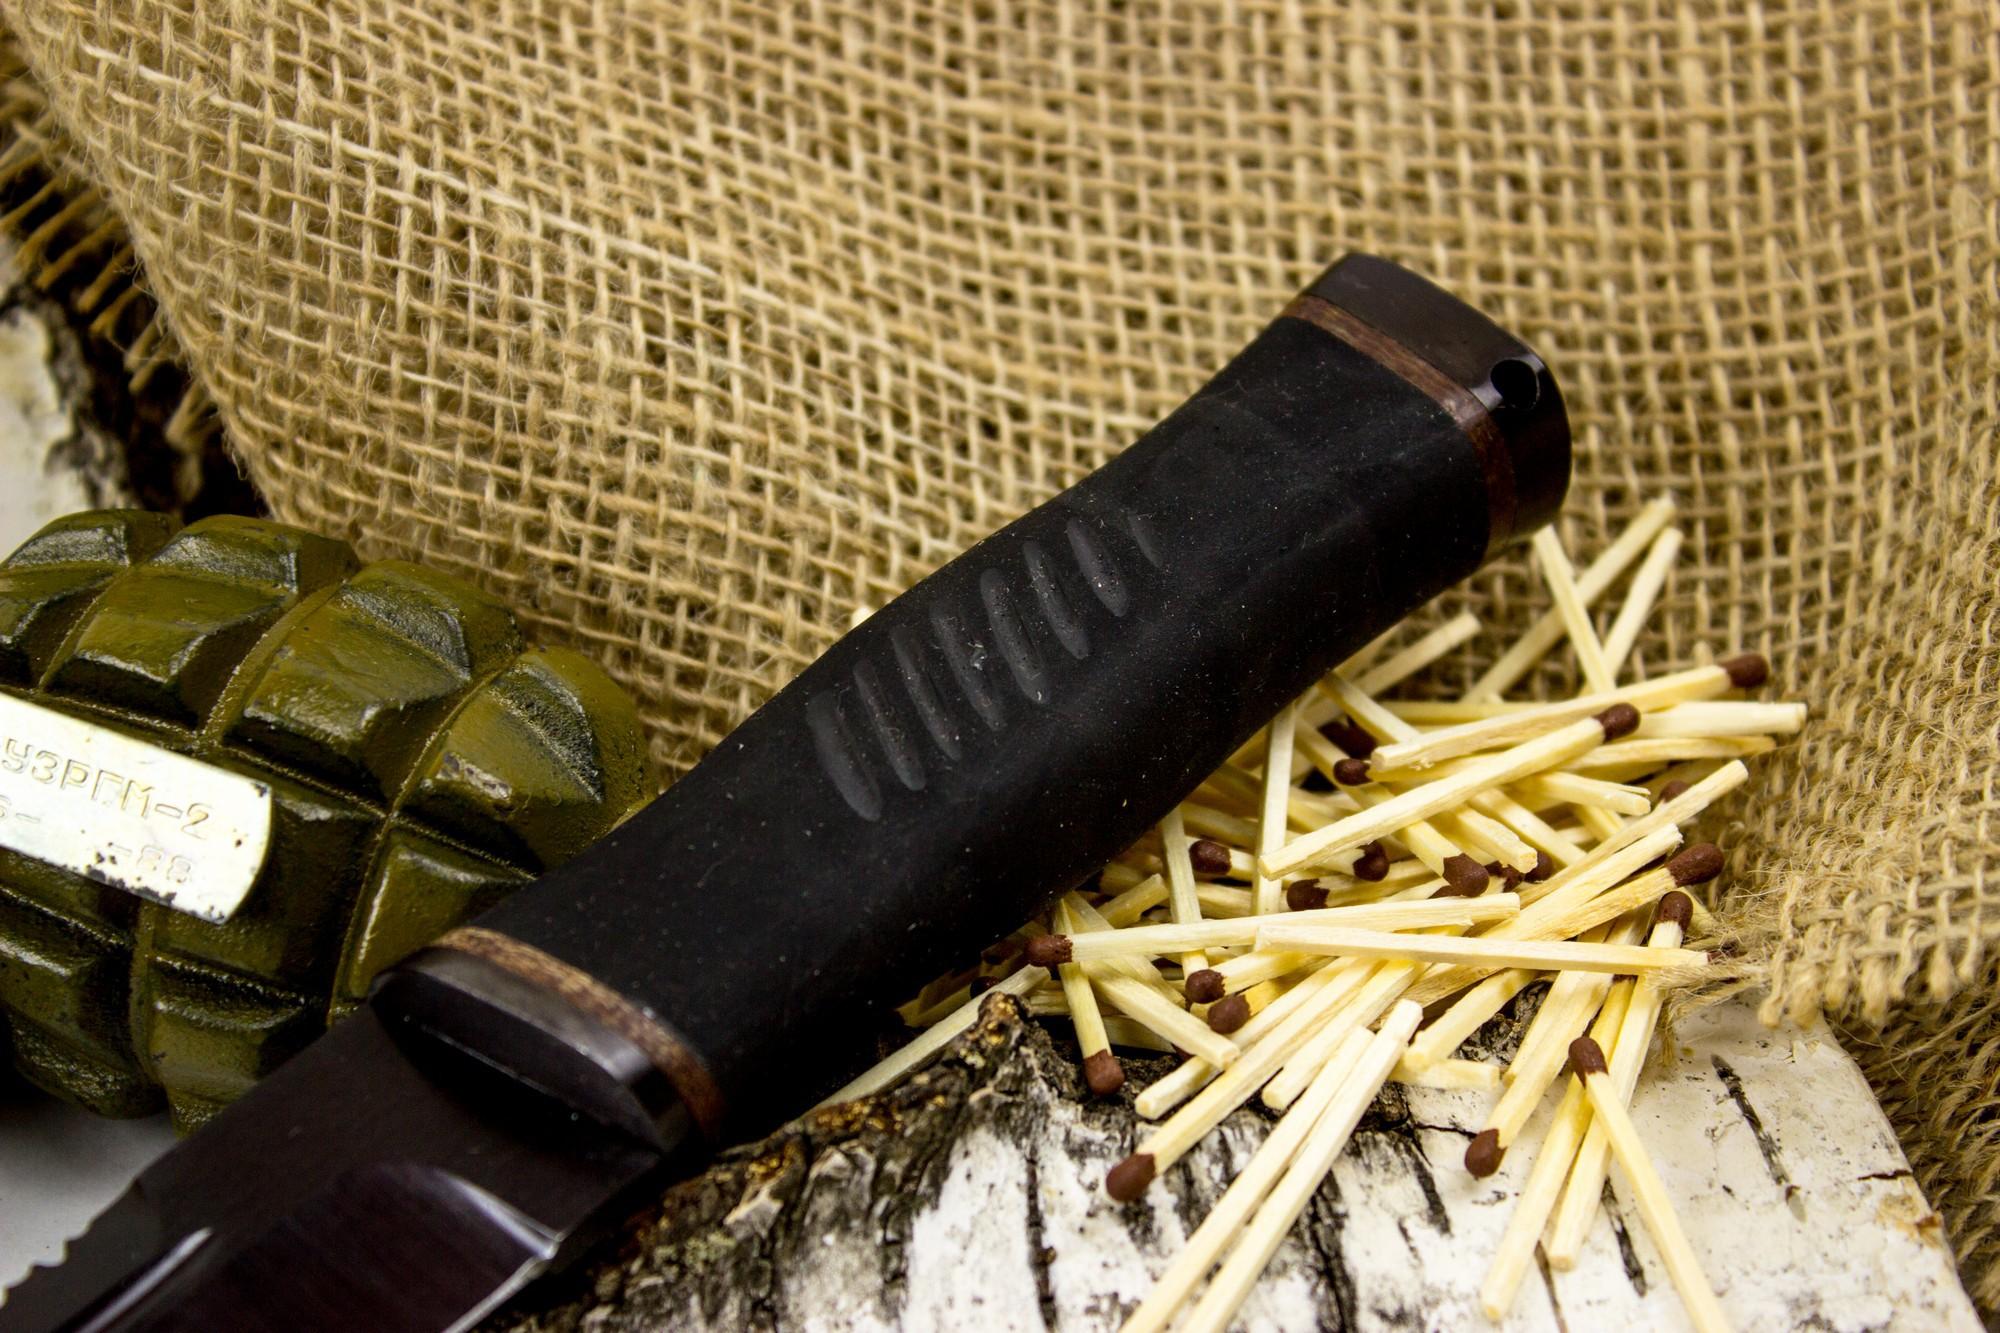 Фото 8 - Нож Казак-2, сталь 65Г, резина от Титов и Солдатова